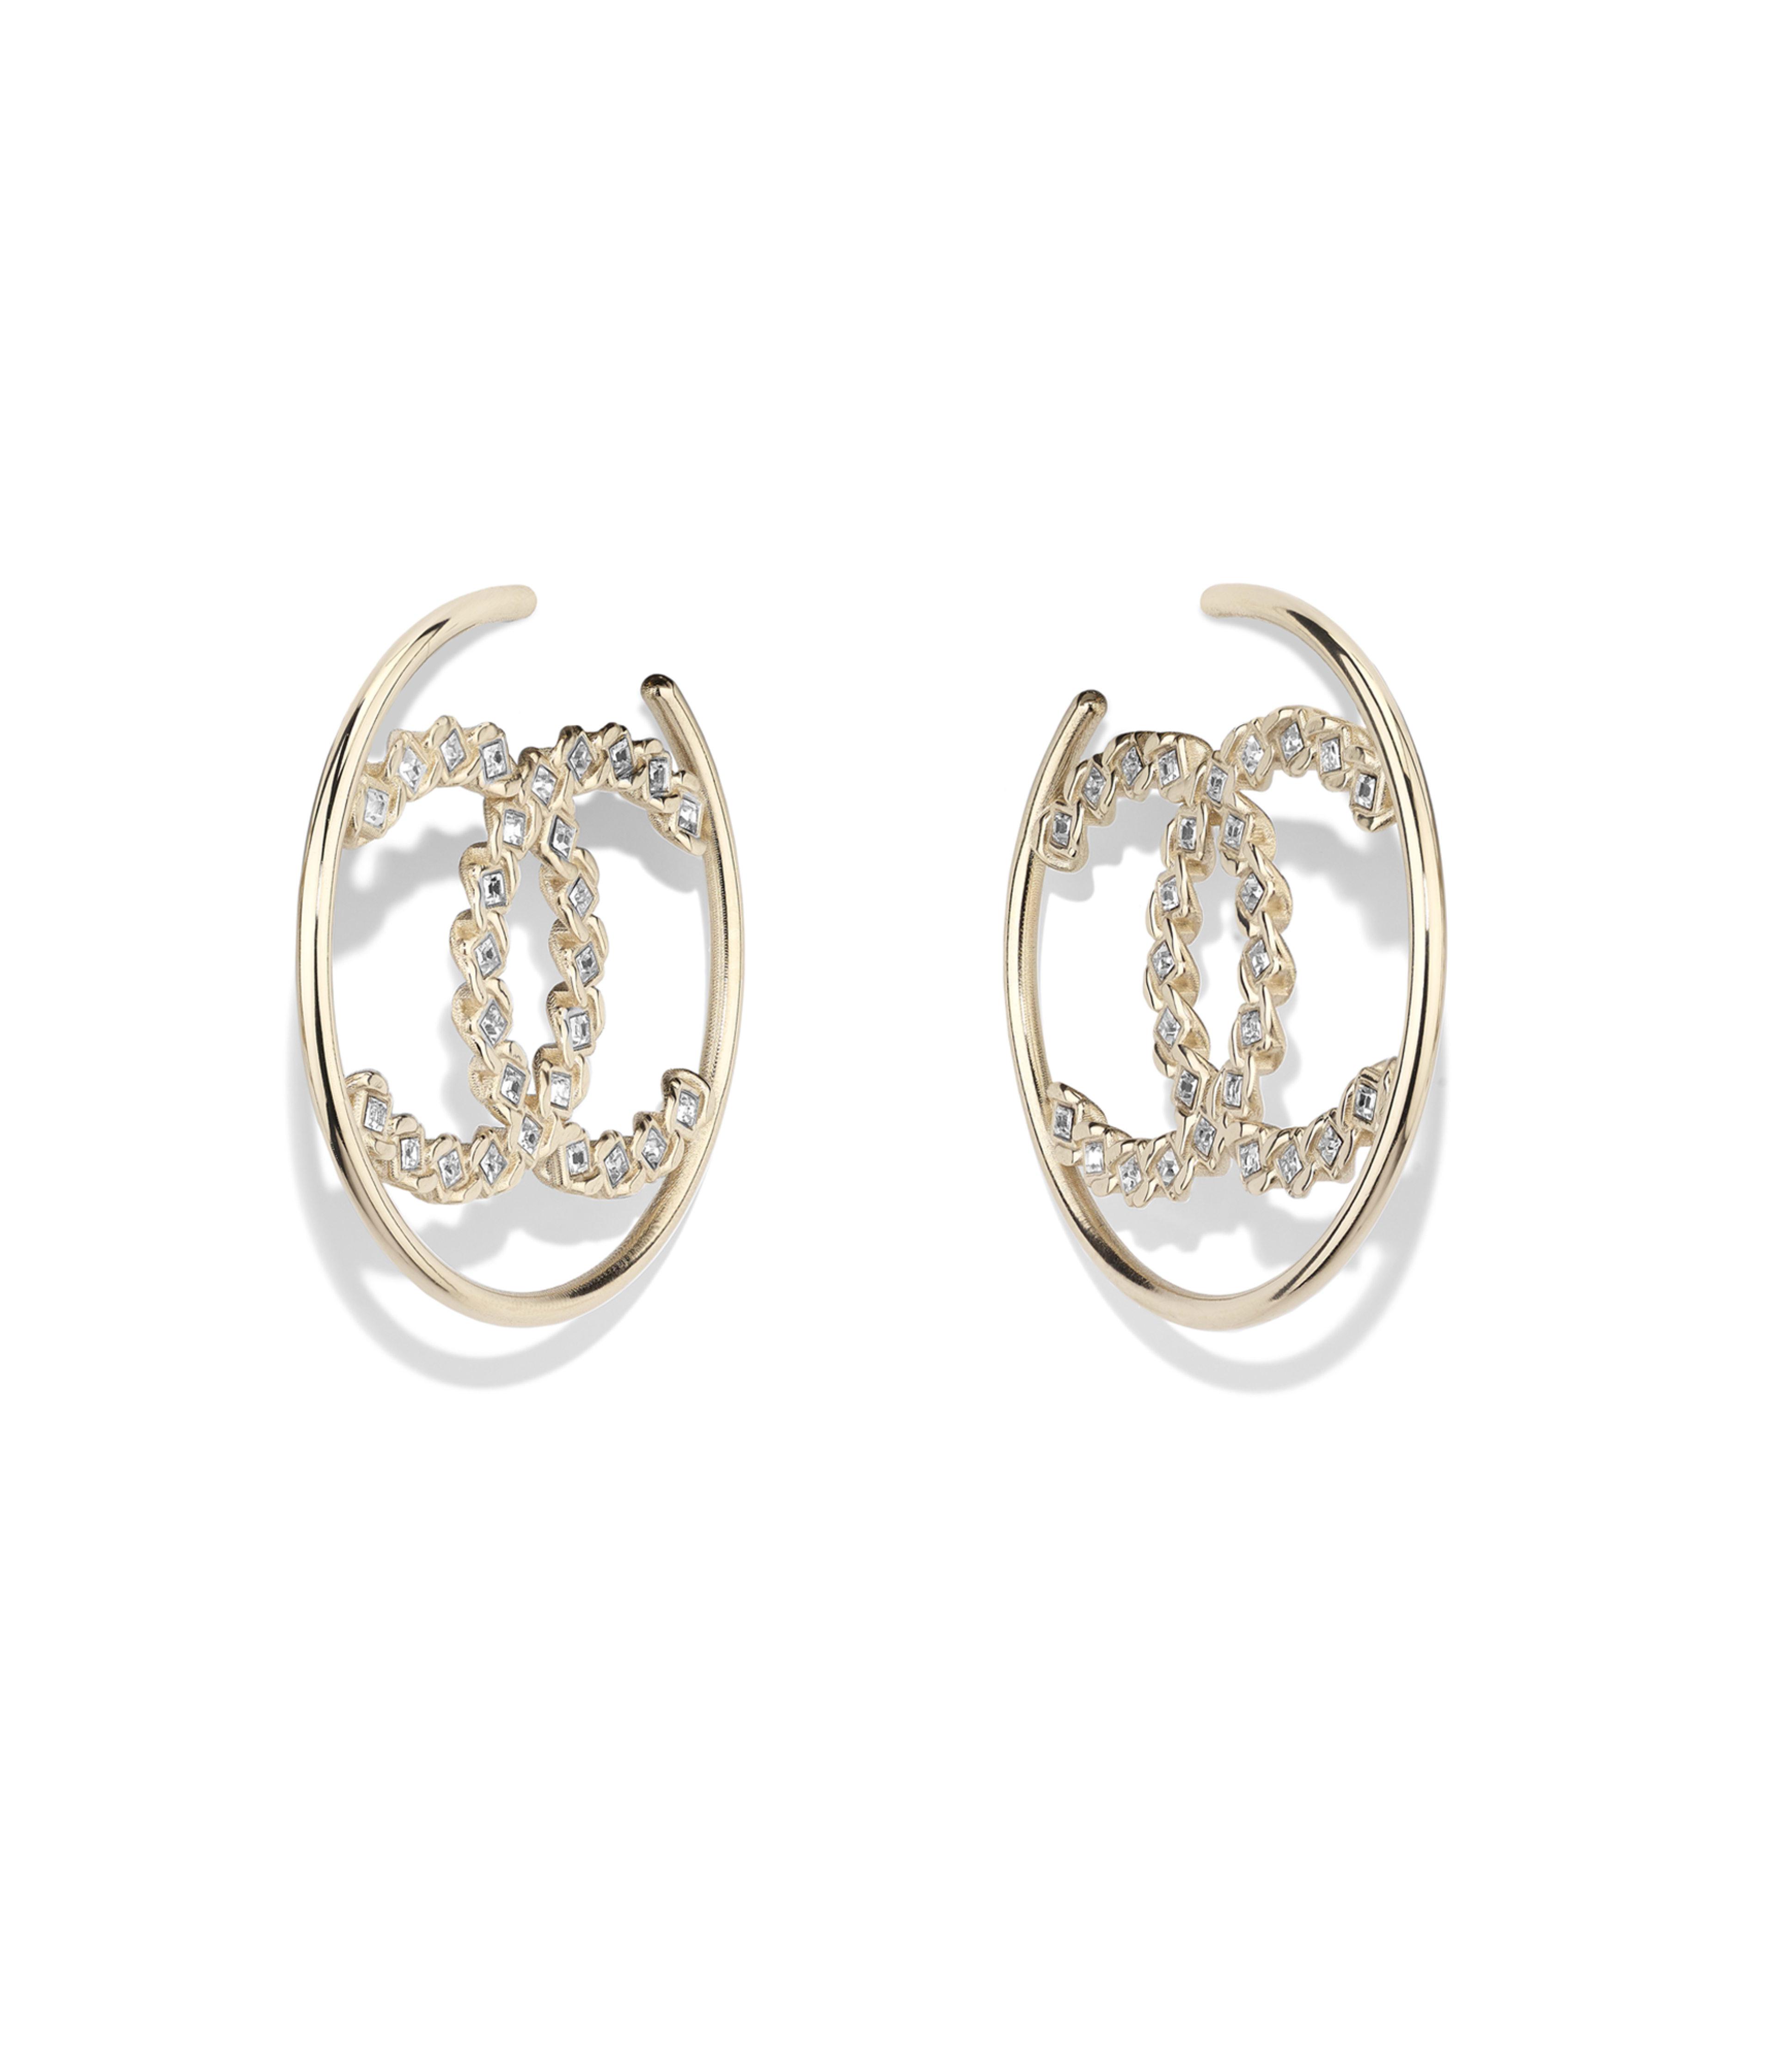 Earrings Metal Str Gold Crystal Ref Ab0613y02003z5680